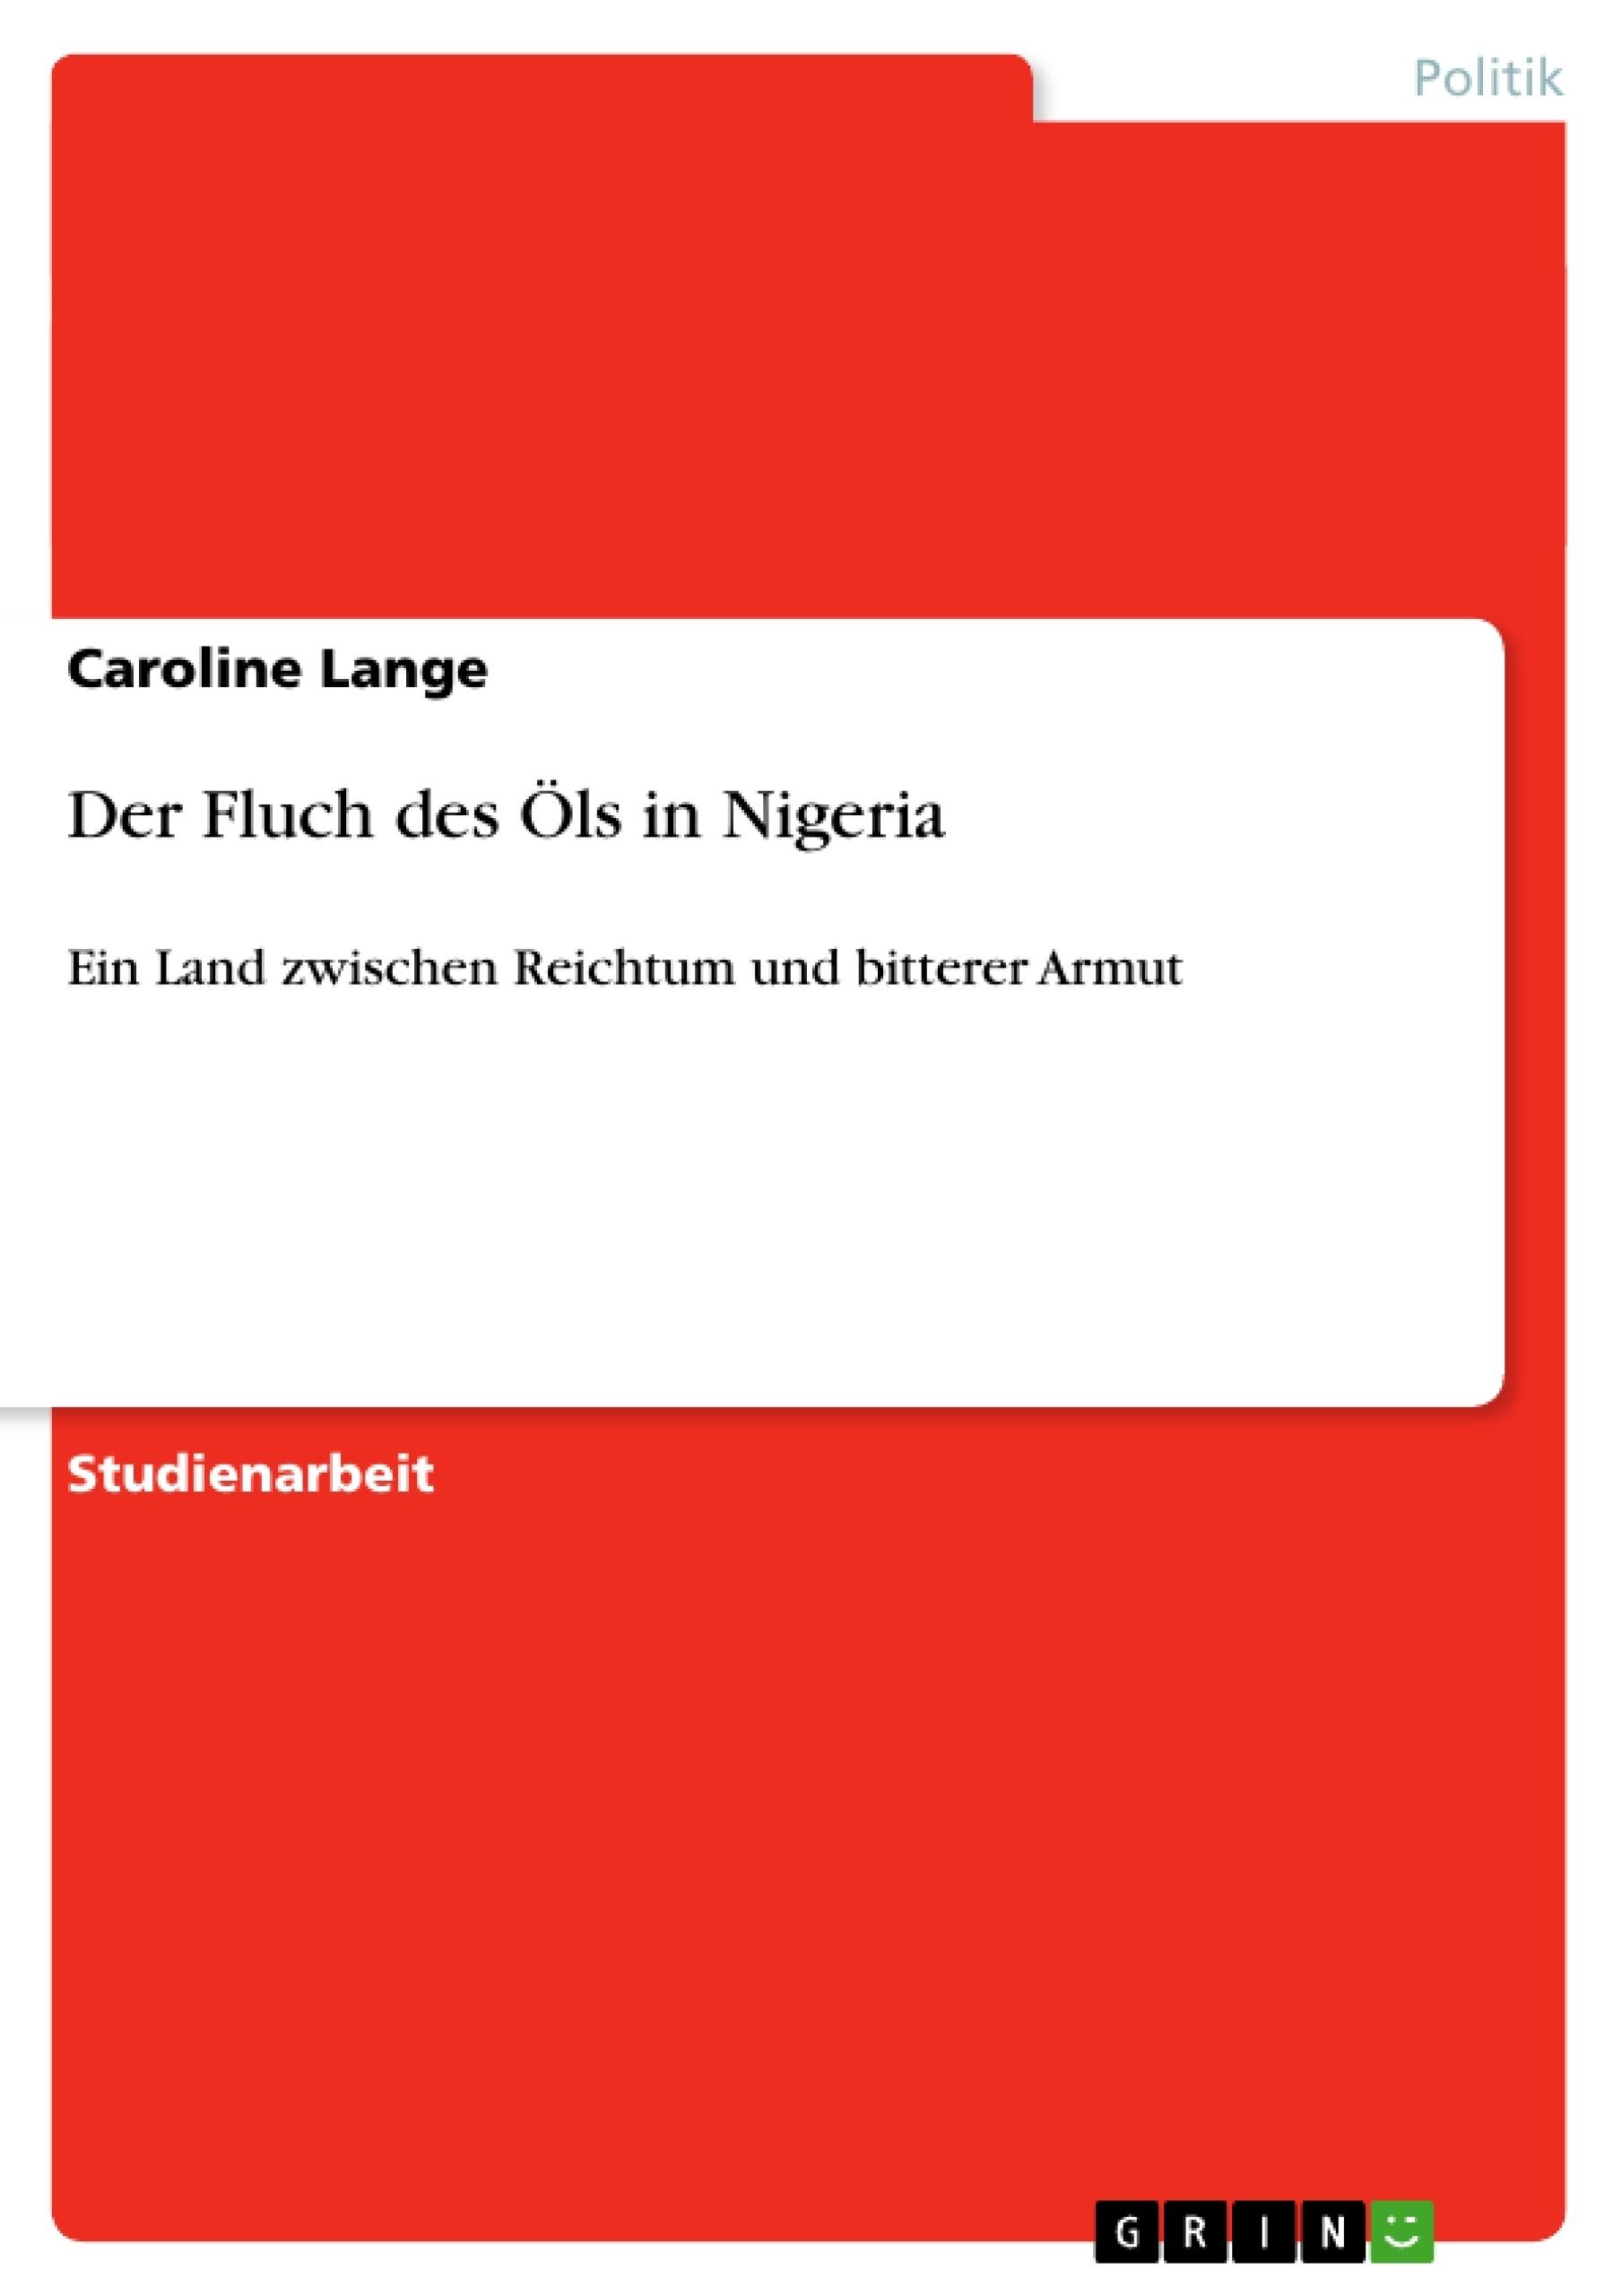 Titel: Der Fluch des Öls in Nigeria